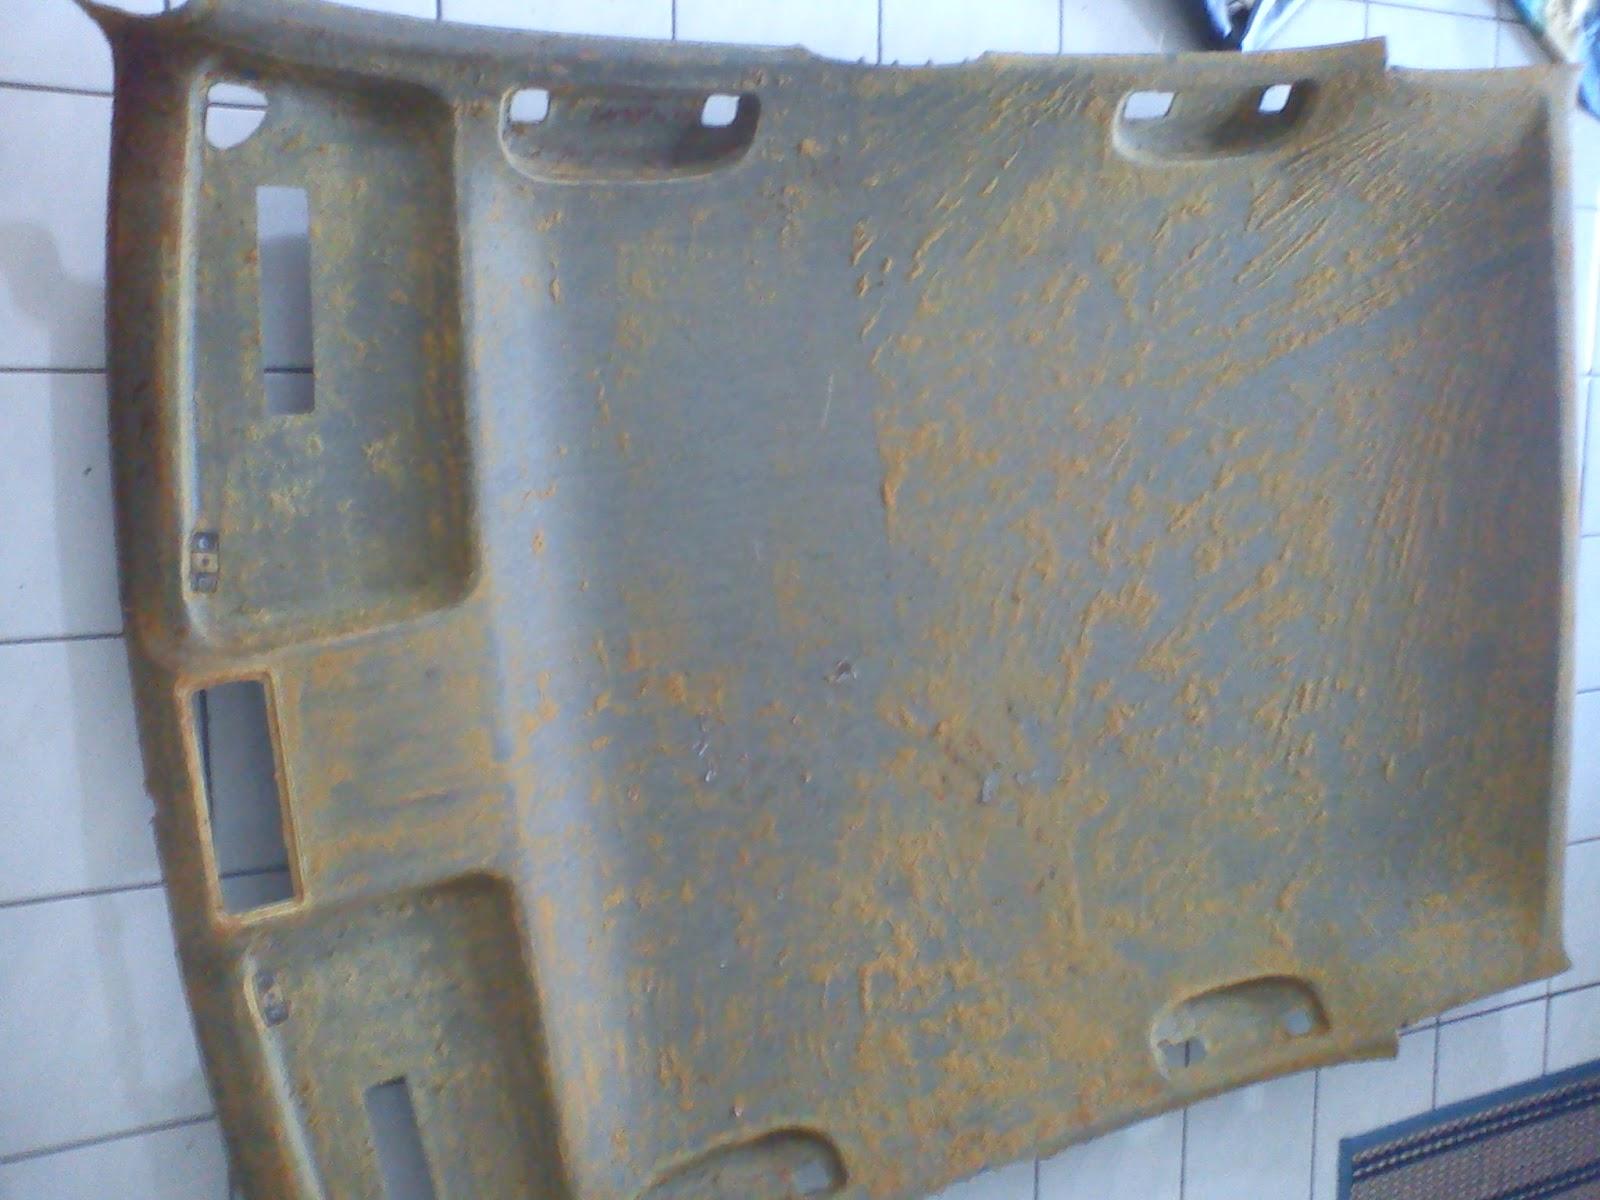 Repair Sofa Shah Alam Paula Dean Balut Kusyen Kereta 10 29 11